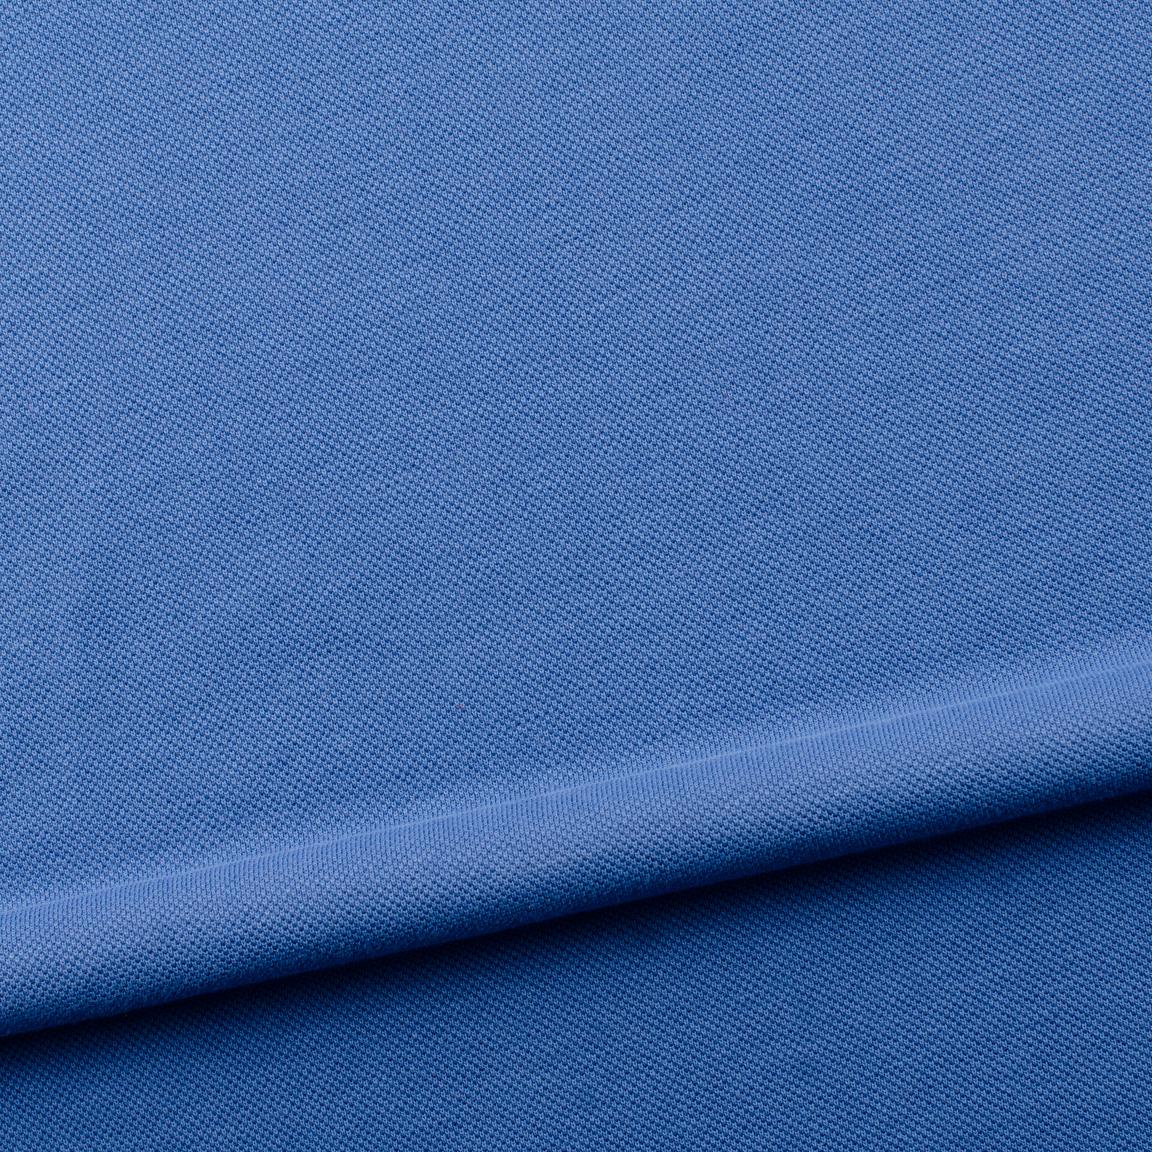 Grindlays, aegean blue